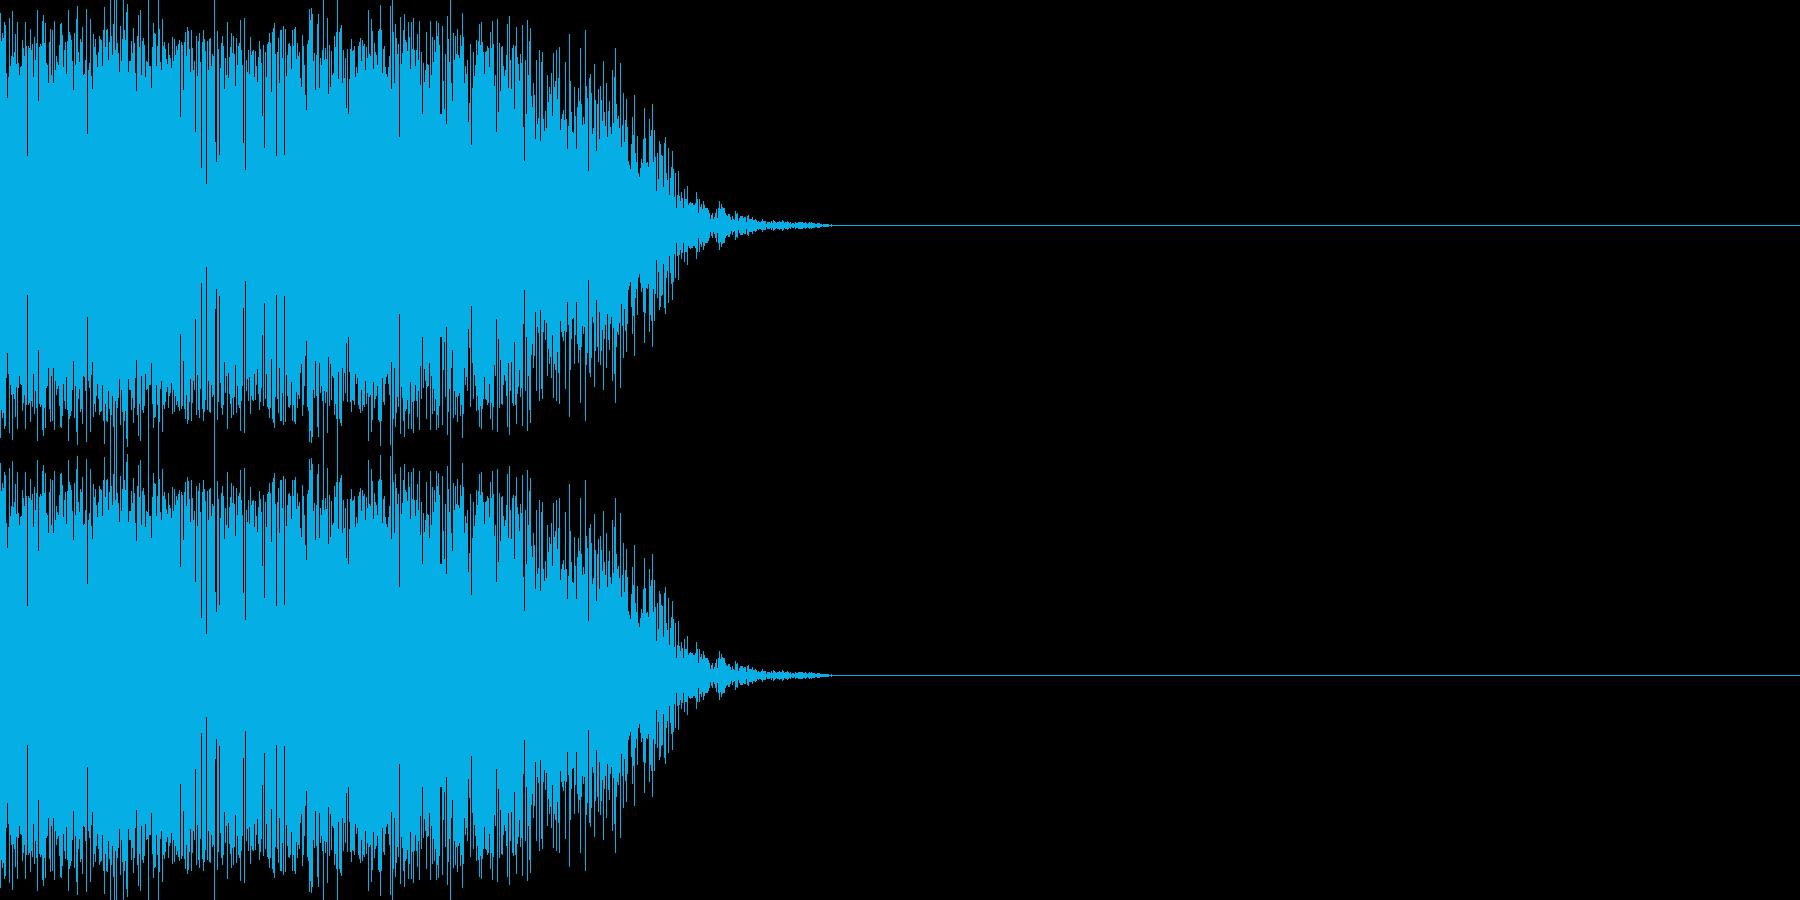 シュバッ(瞬間移動/ジャンプ/斬撃)の再生済みの波形